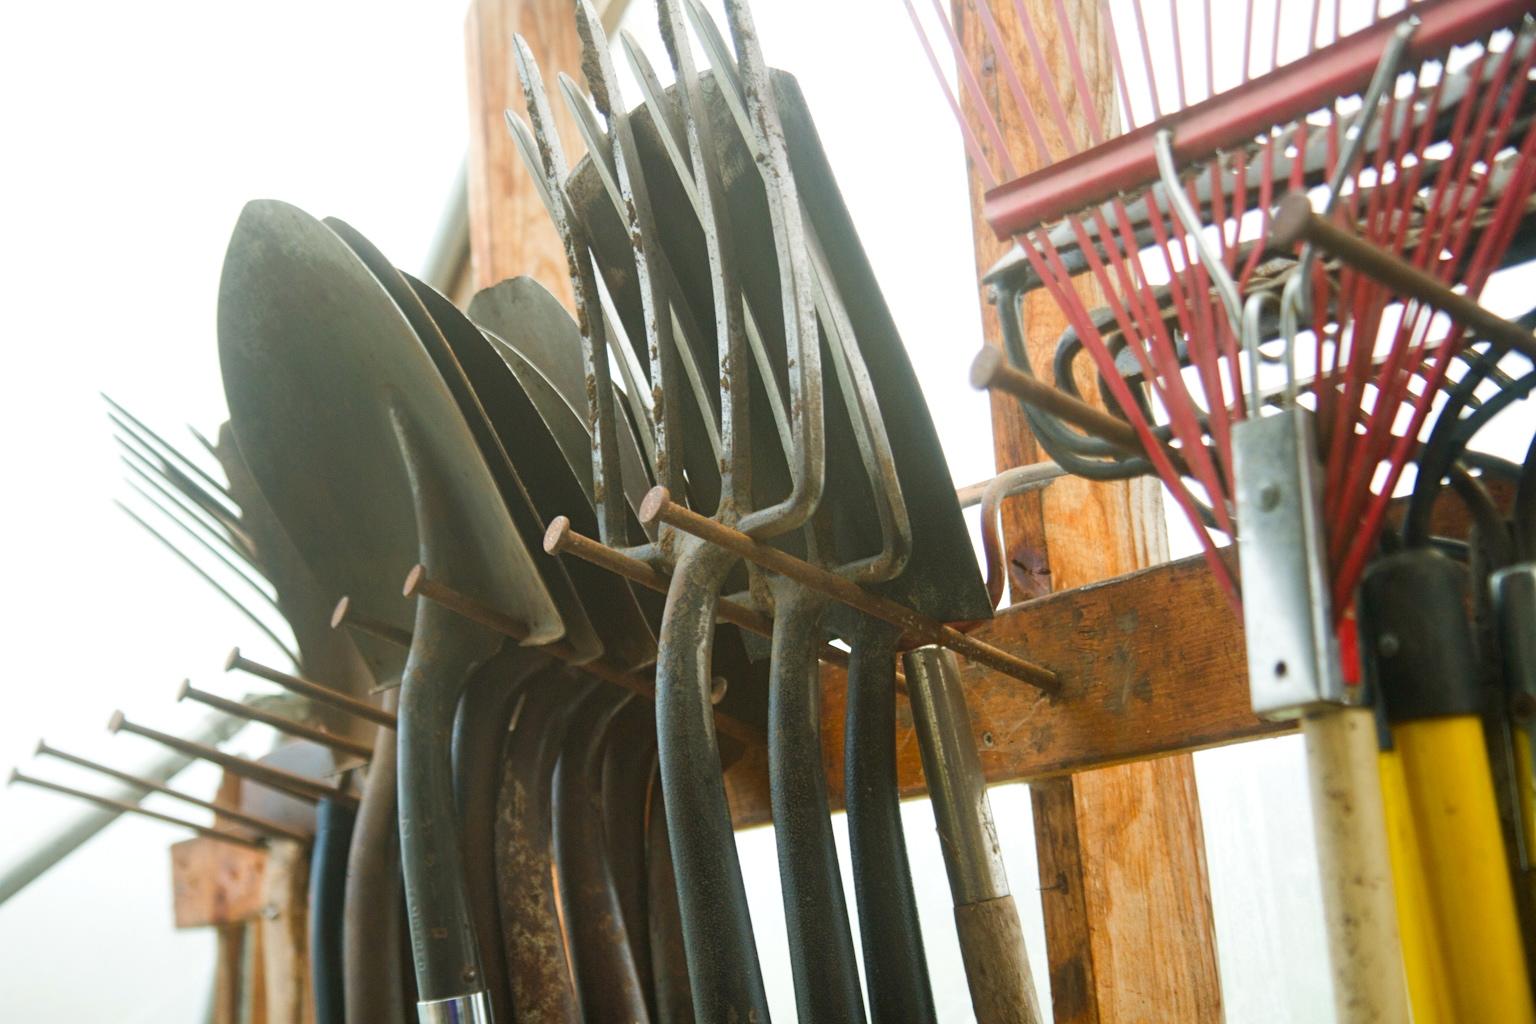 Tool Upkeep & Maintenance